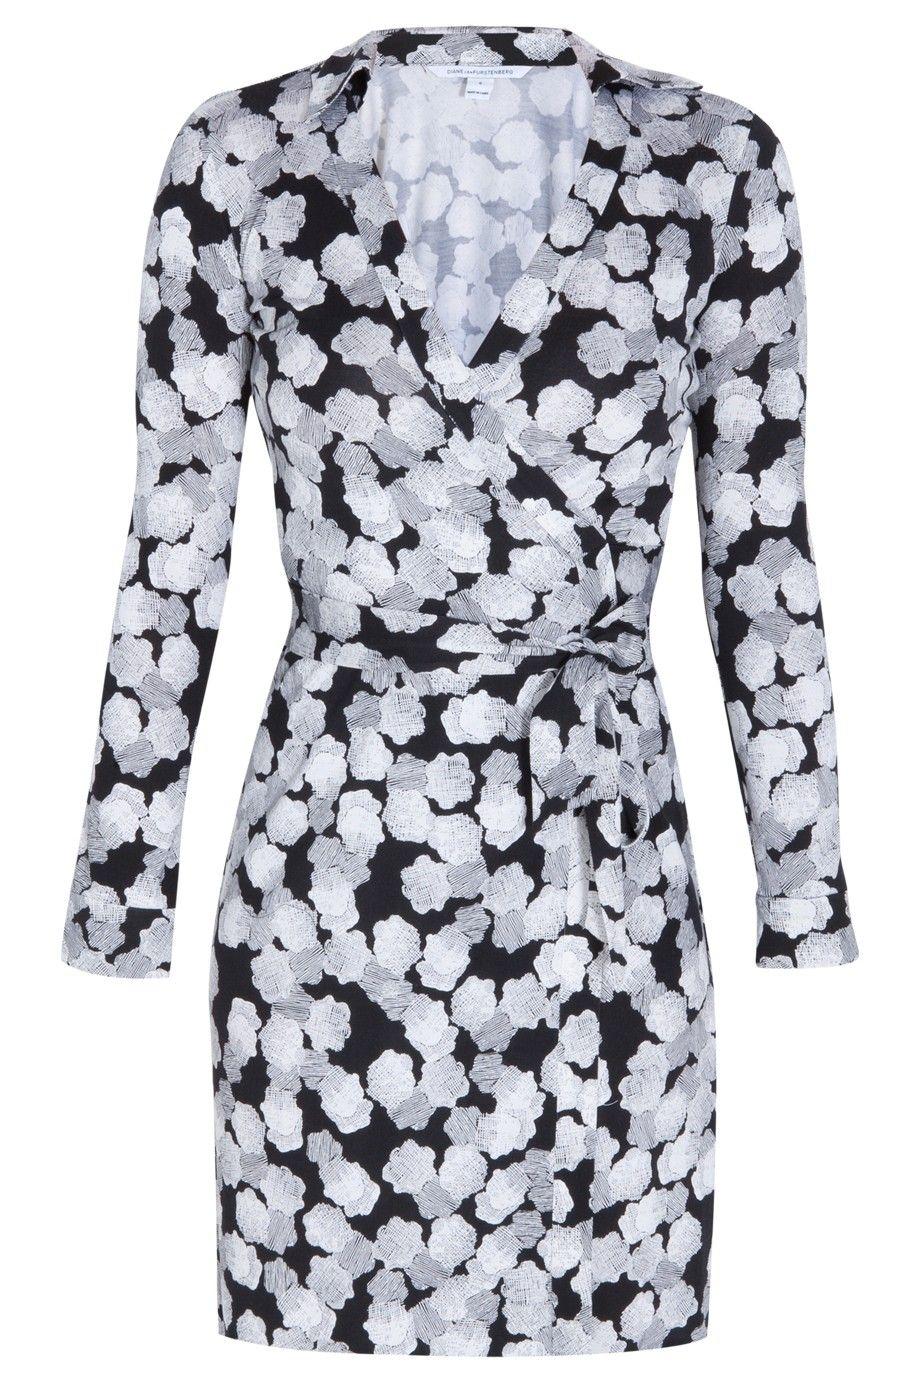 New Jeanne Two Dress By DIANE VON FURSTENBERG @ http://www.boutique1.com/